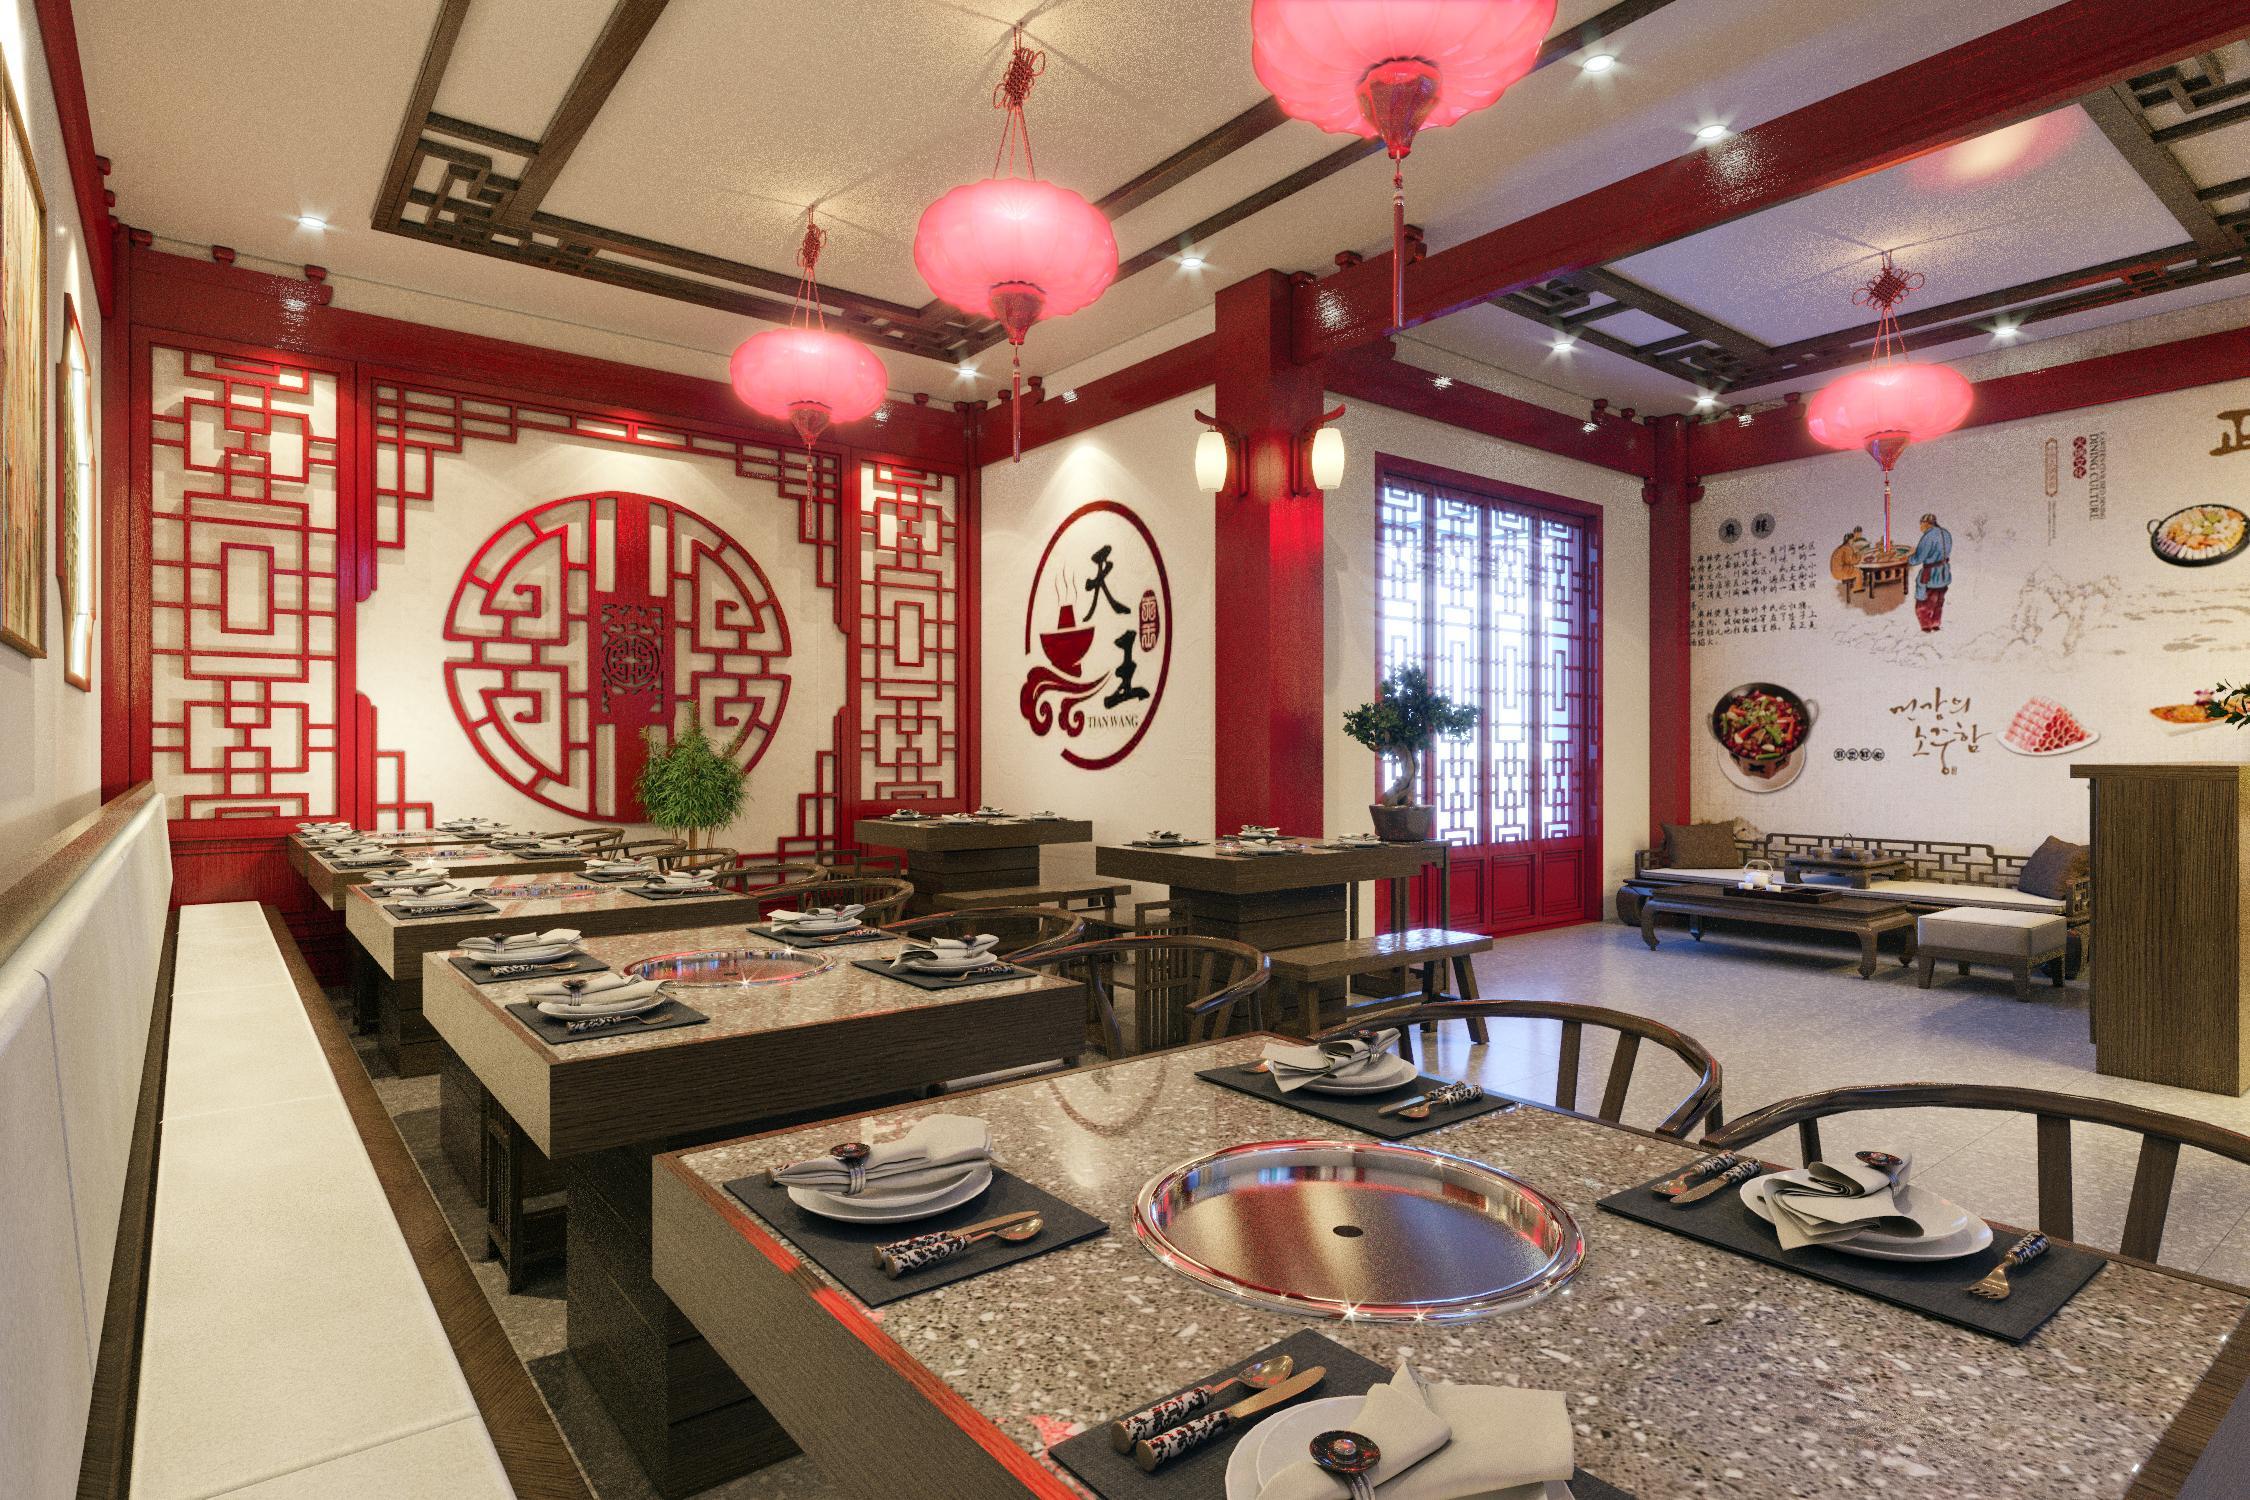 Nhà hàng lẩu Buffet Trung Hoa - 35 Lê Văn Thiêm